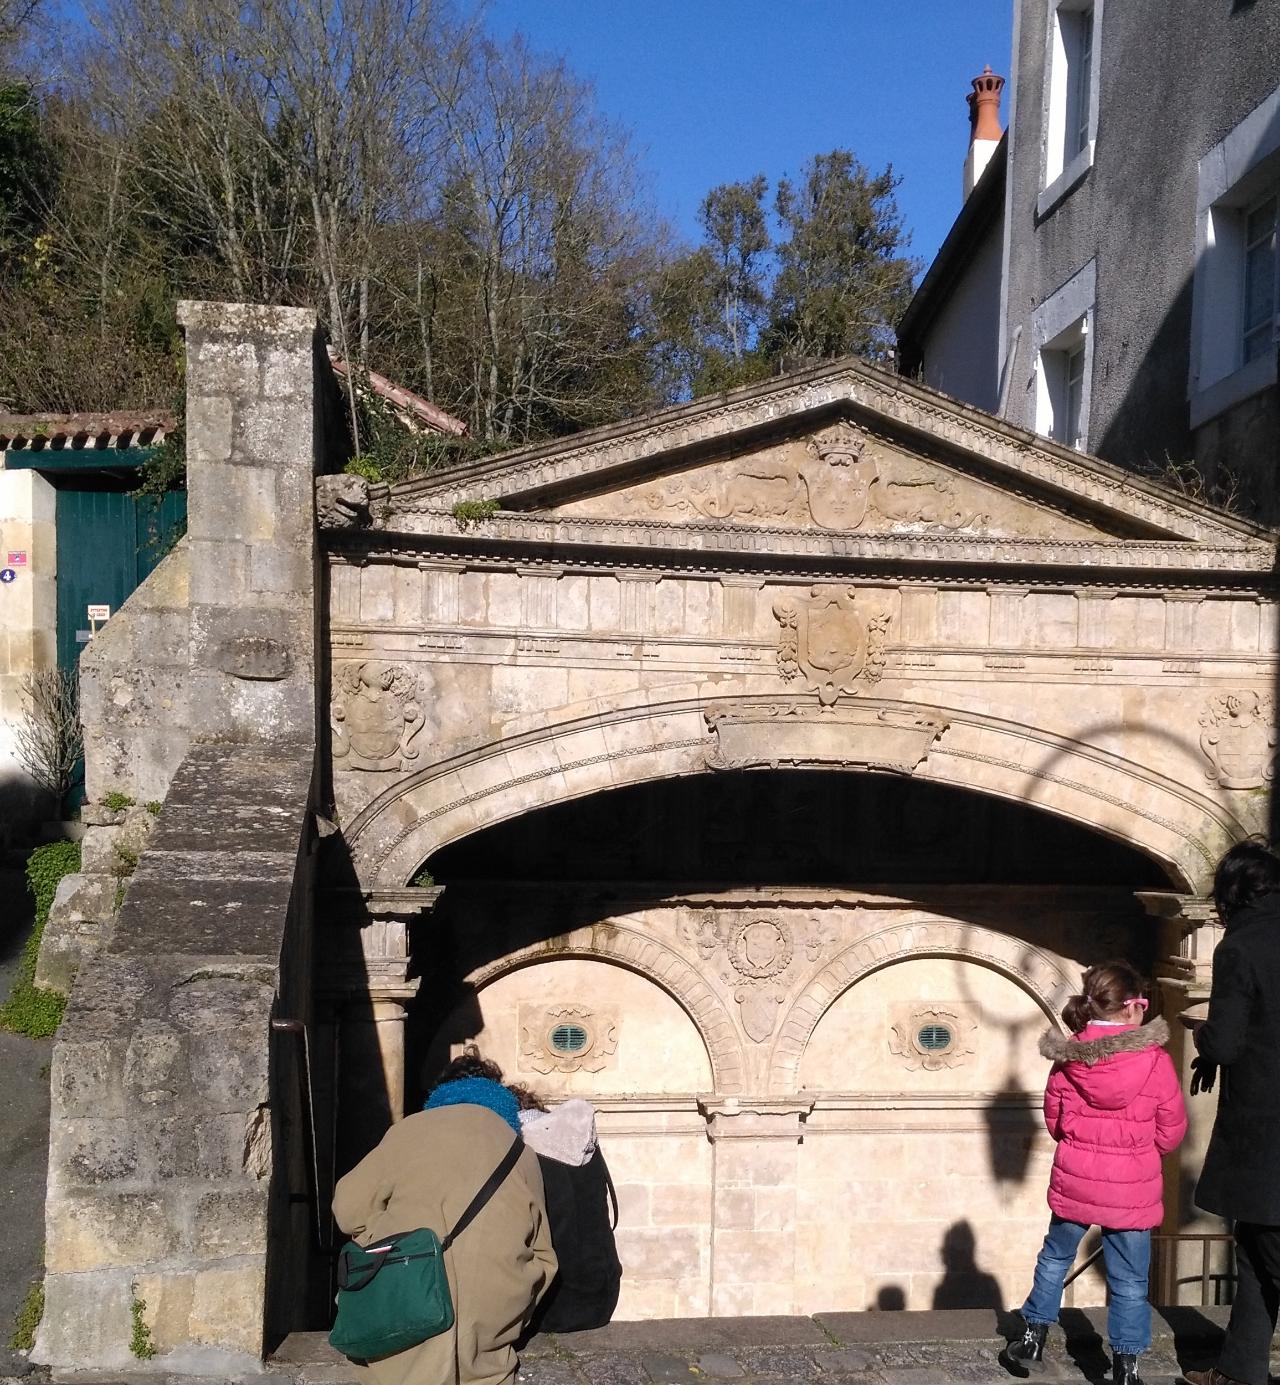 Photo 1: Jeu de piste familial à Fontenay-le-Comte avec Baludik